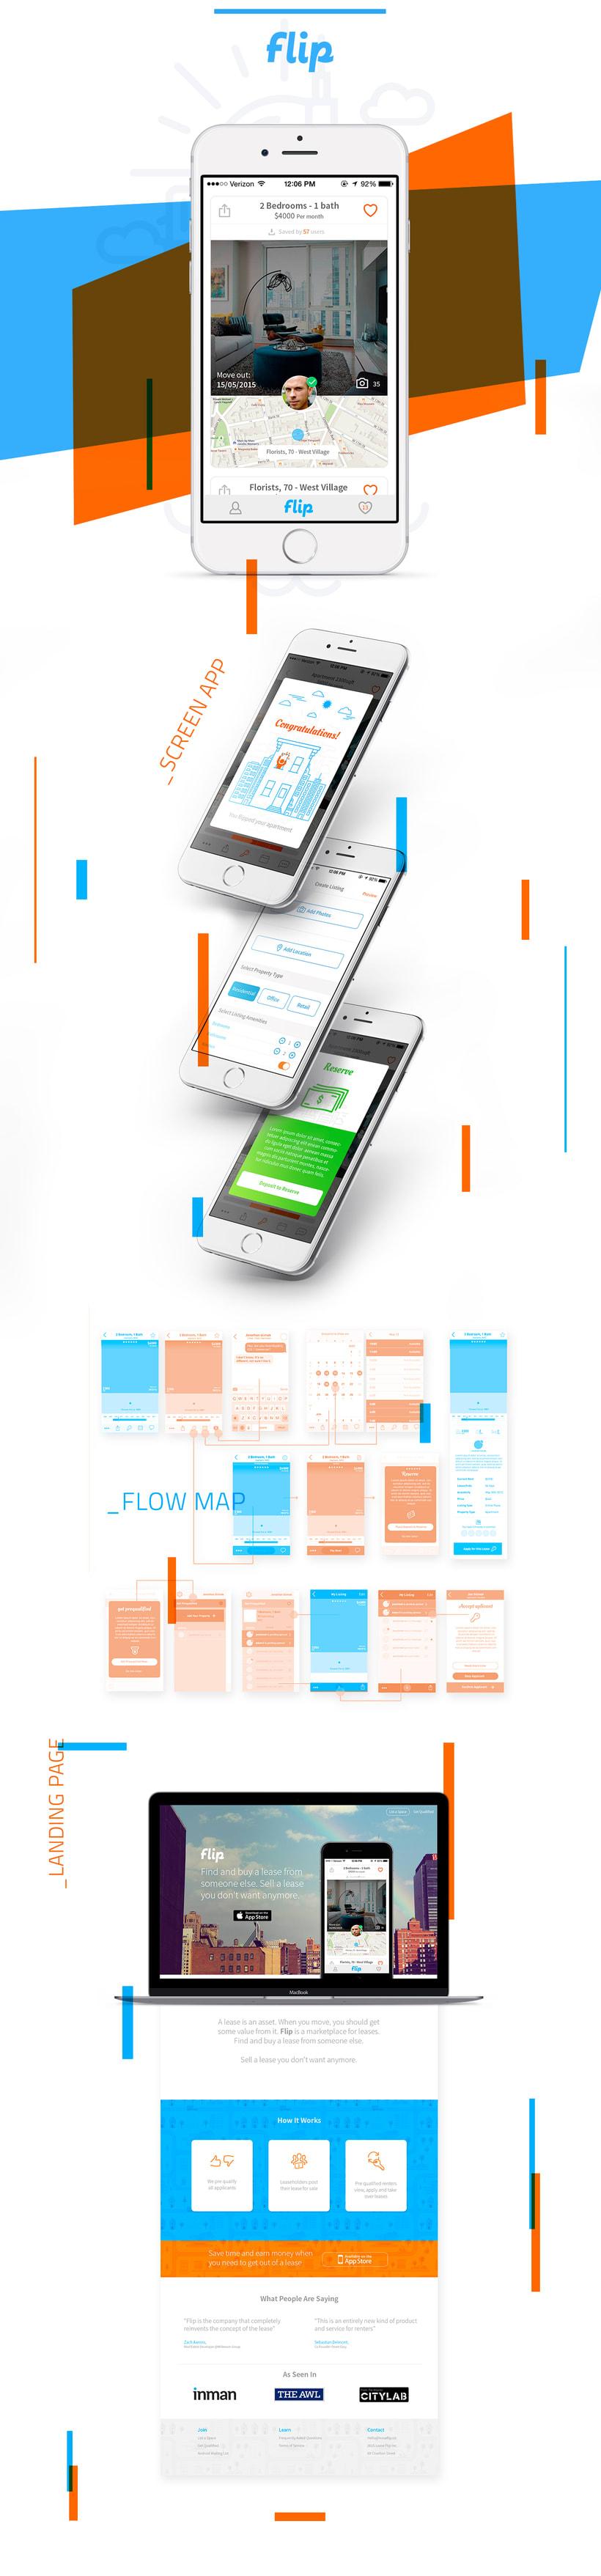 Flip app -1